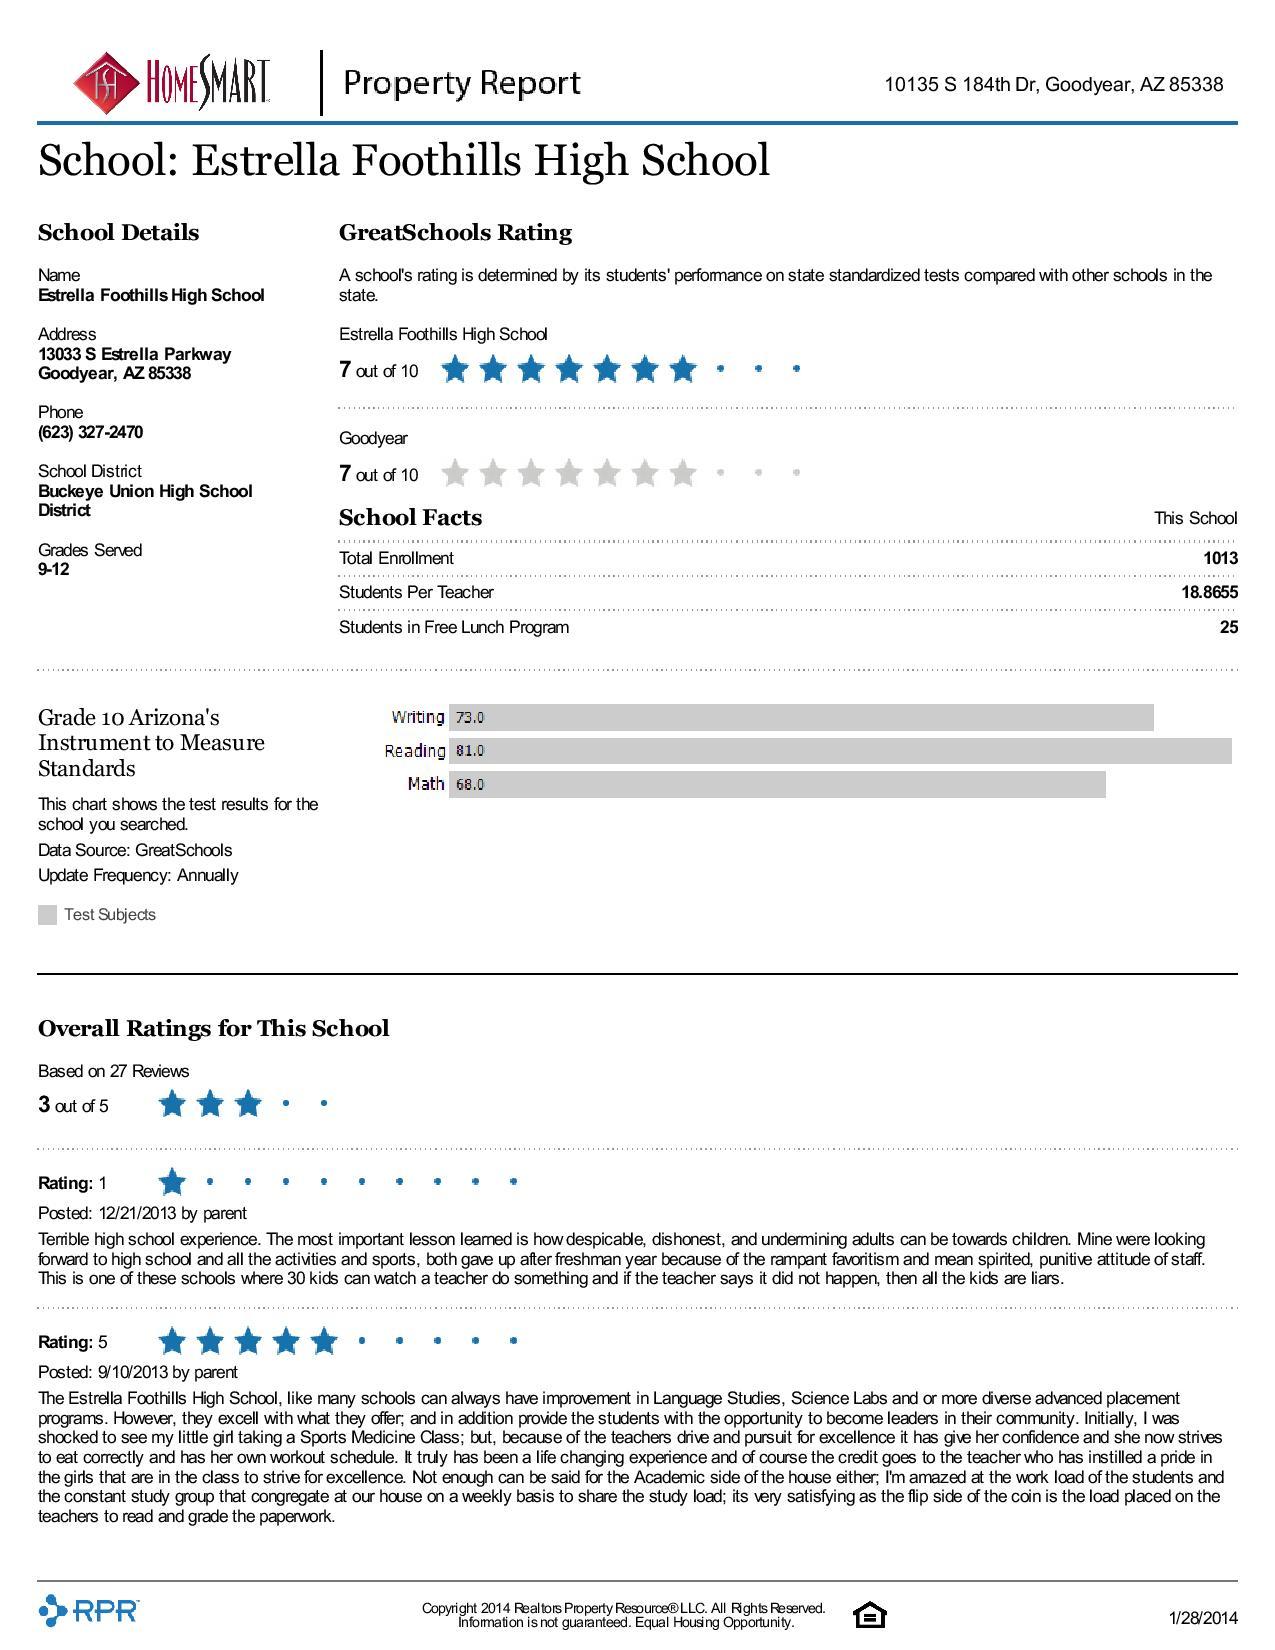 10135-S-184th-Dr-Goodyear-AZ-85338.pdf-page-010